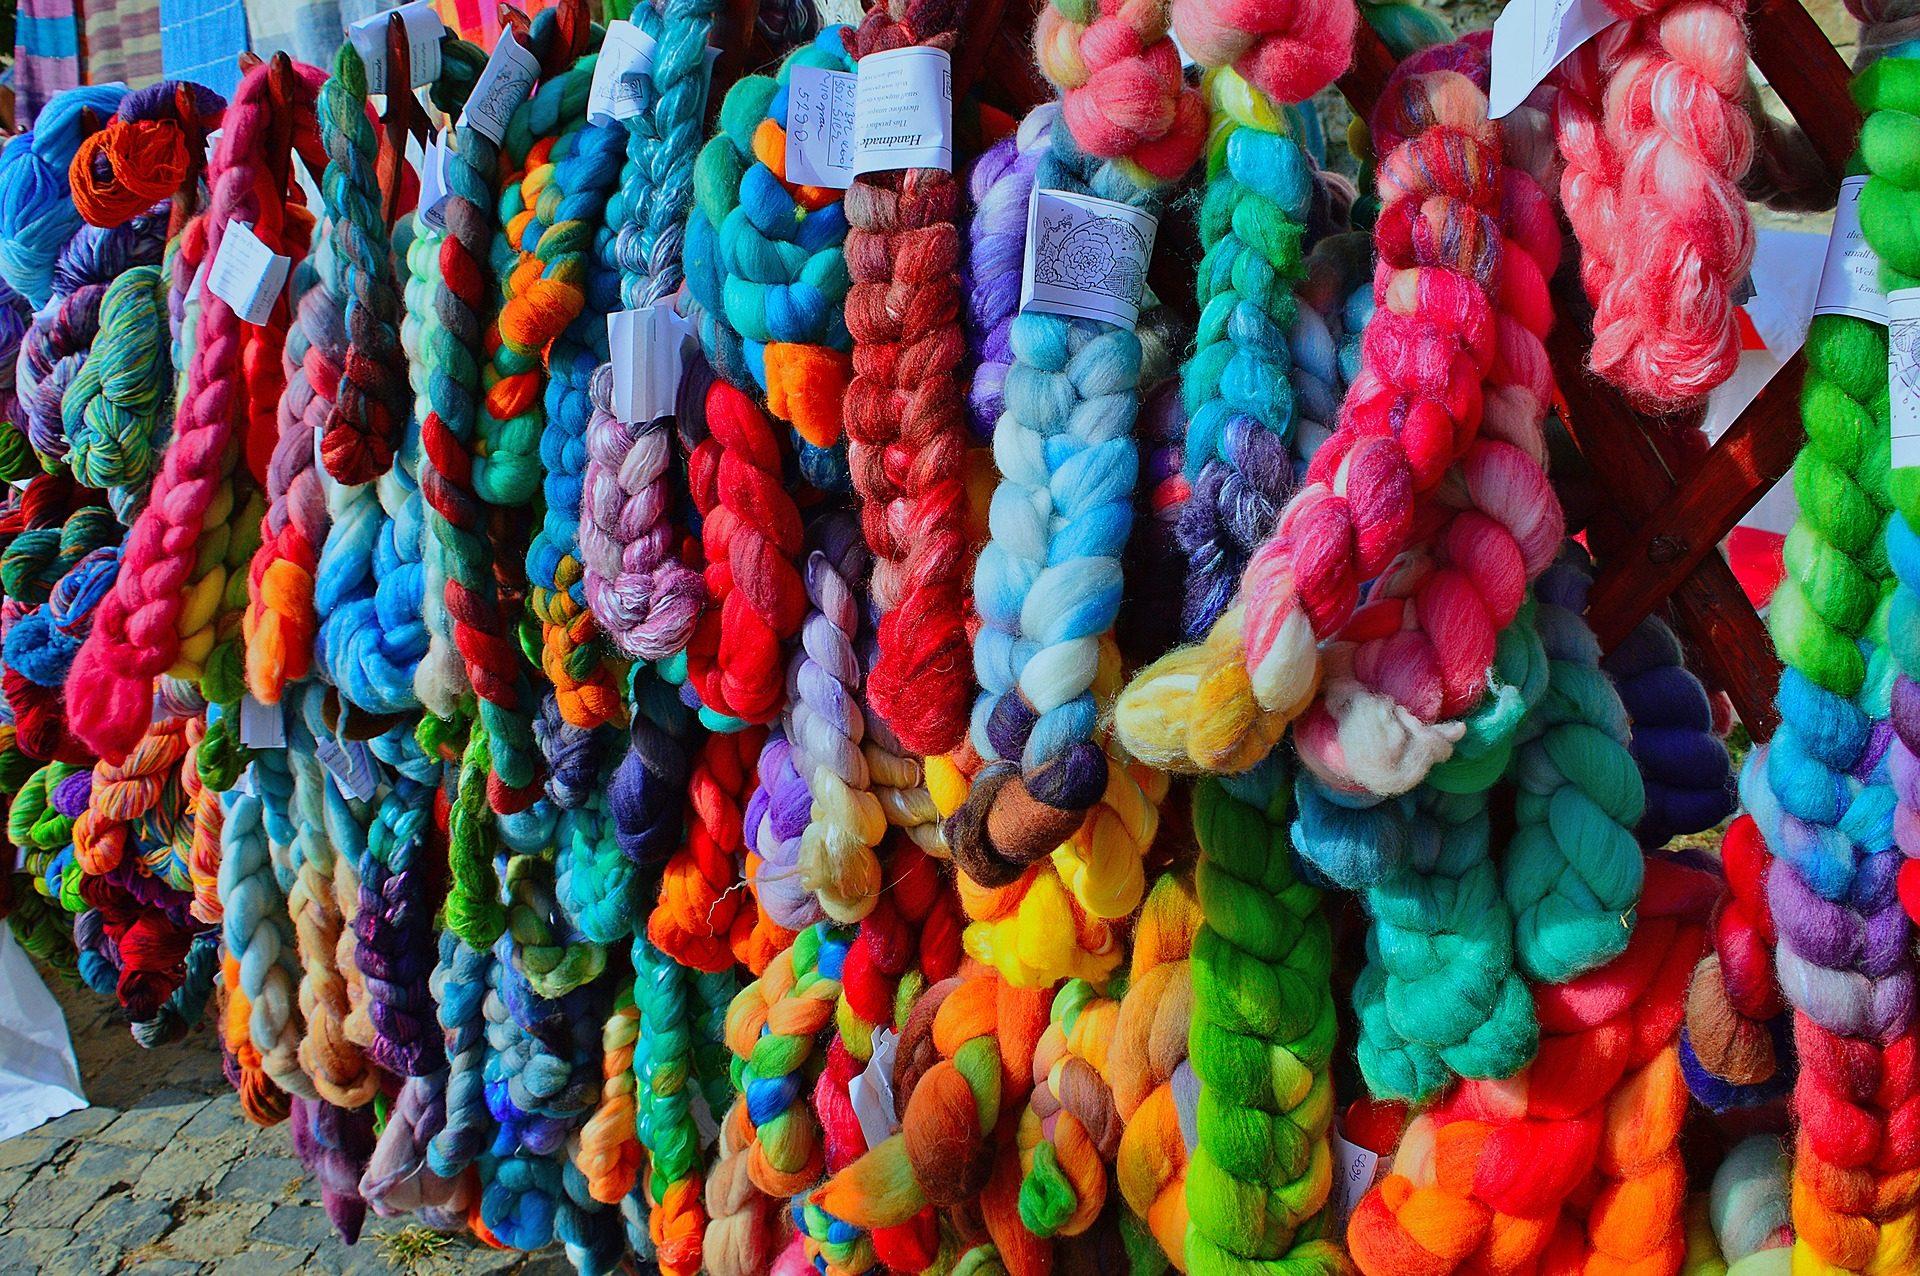 hilos, cuerdas, lazos, trenzas, colorido - Fondos de Pantalla HD - professor-falken.com